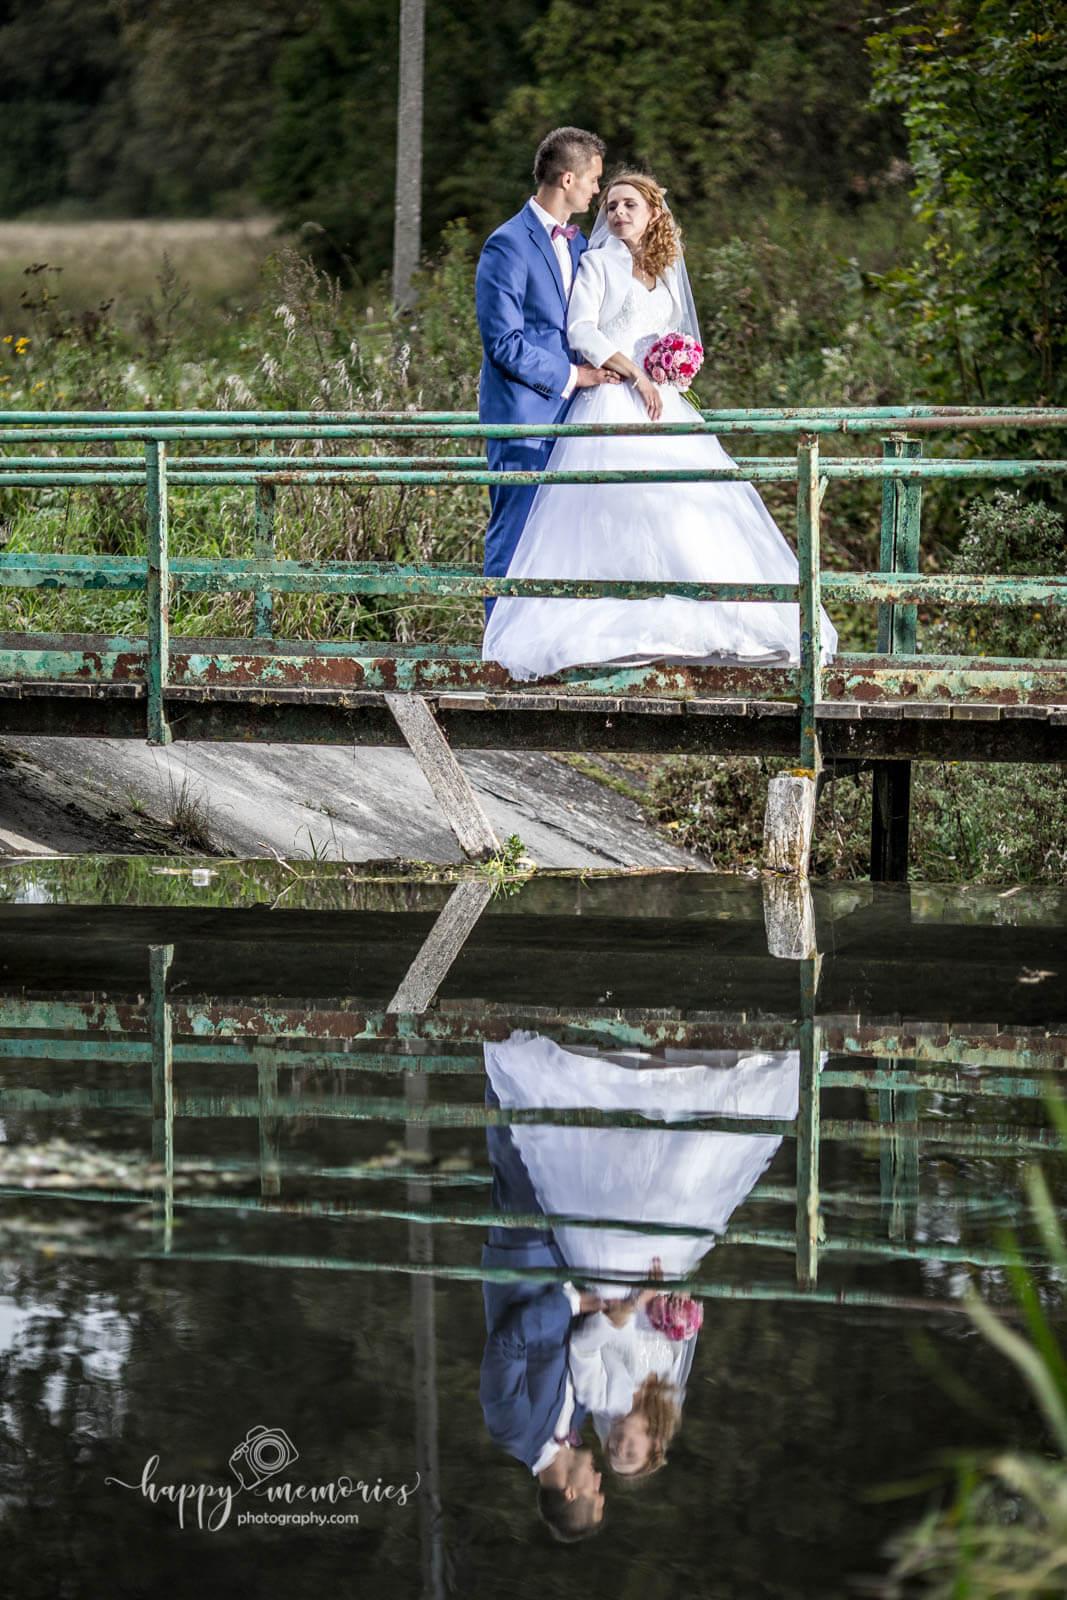 Wedding photographer Horsham-31